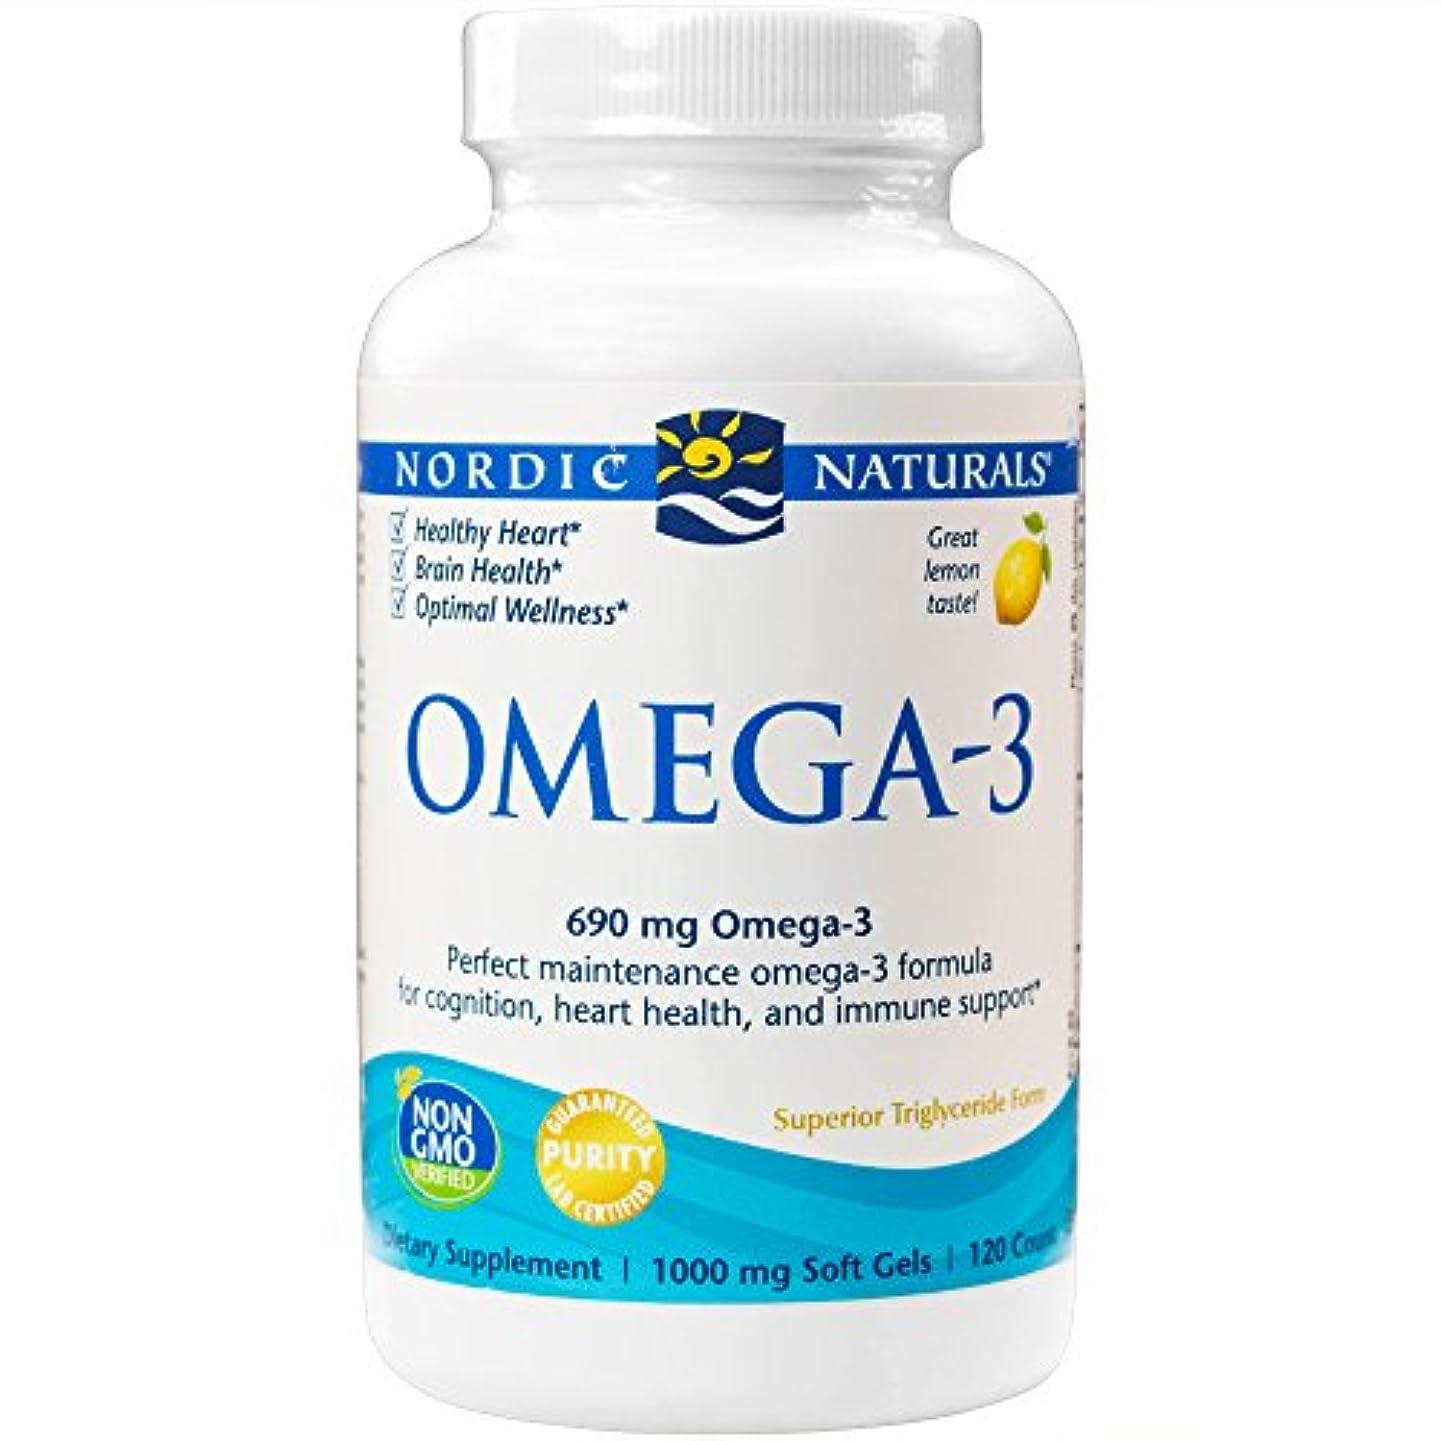 邪魔する些細古代海外直送品Omega-3, 1000 mg, Lemon 120 softgels by Nordic Naturals